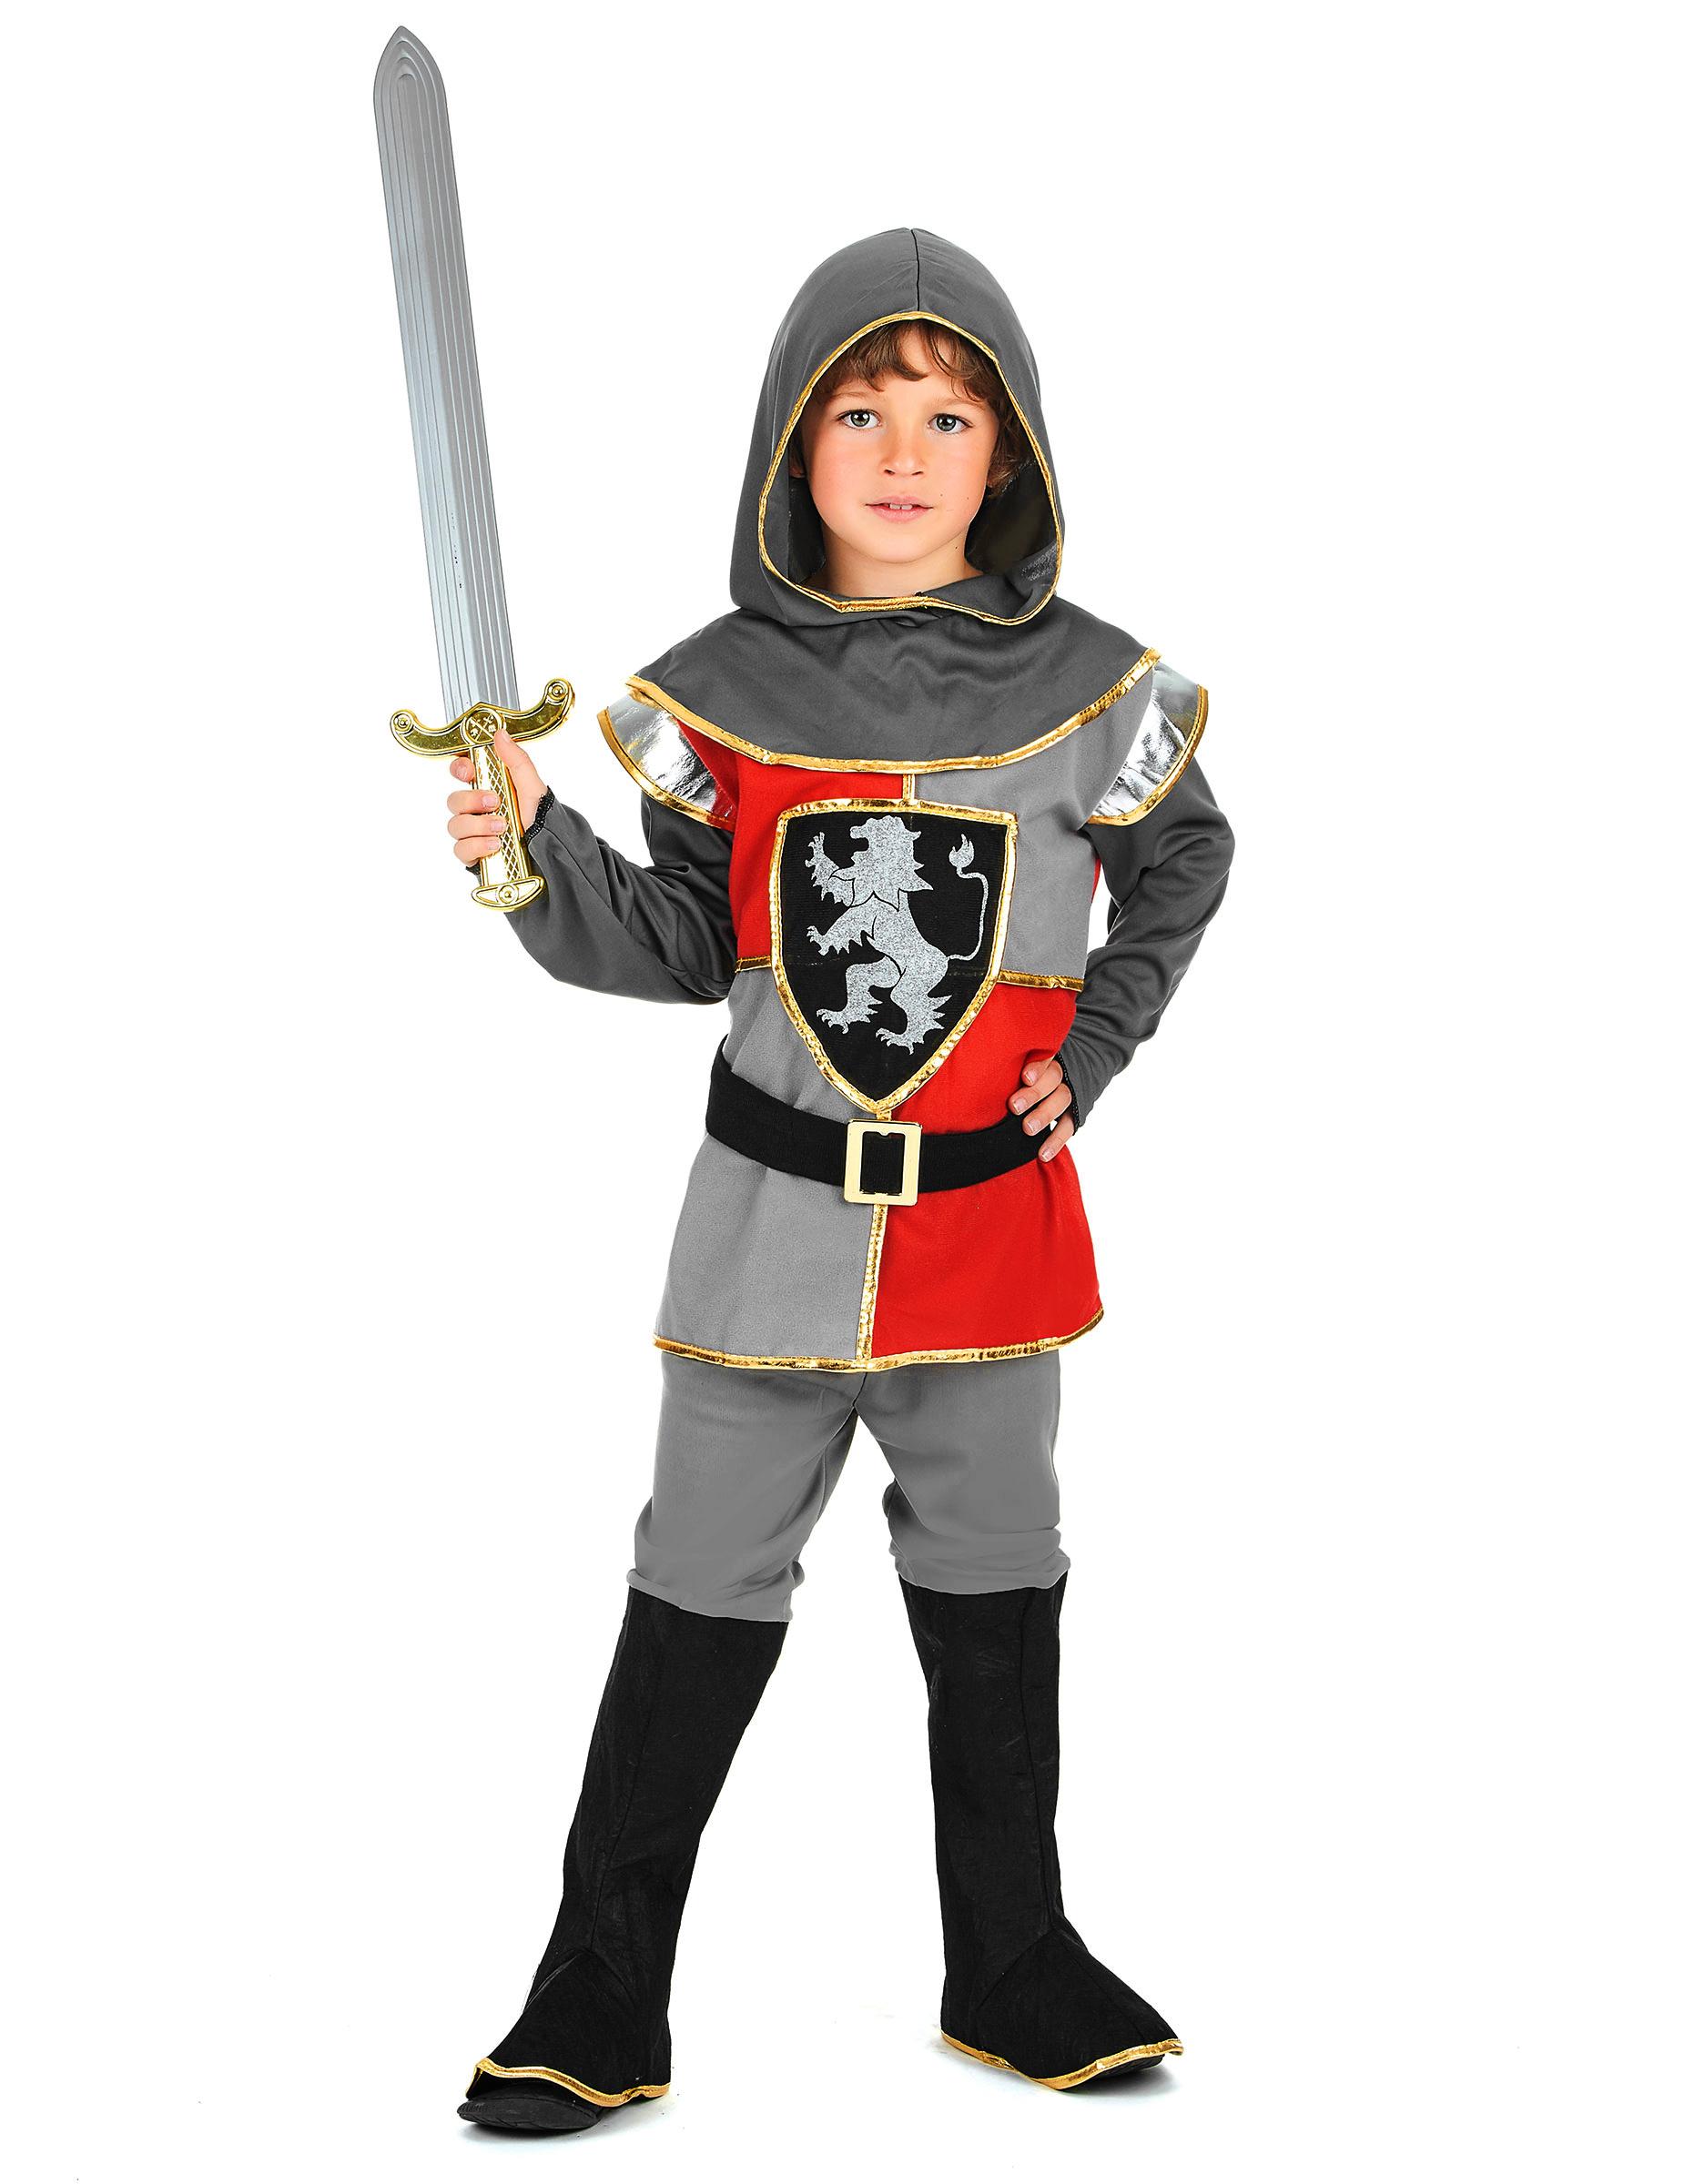 Vestito Cavaliere Bambino.Costume Da Cavaliere Medievale Bambino Su Vegaooparty Negozio Di Articoli Per Feste